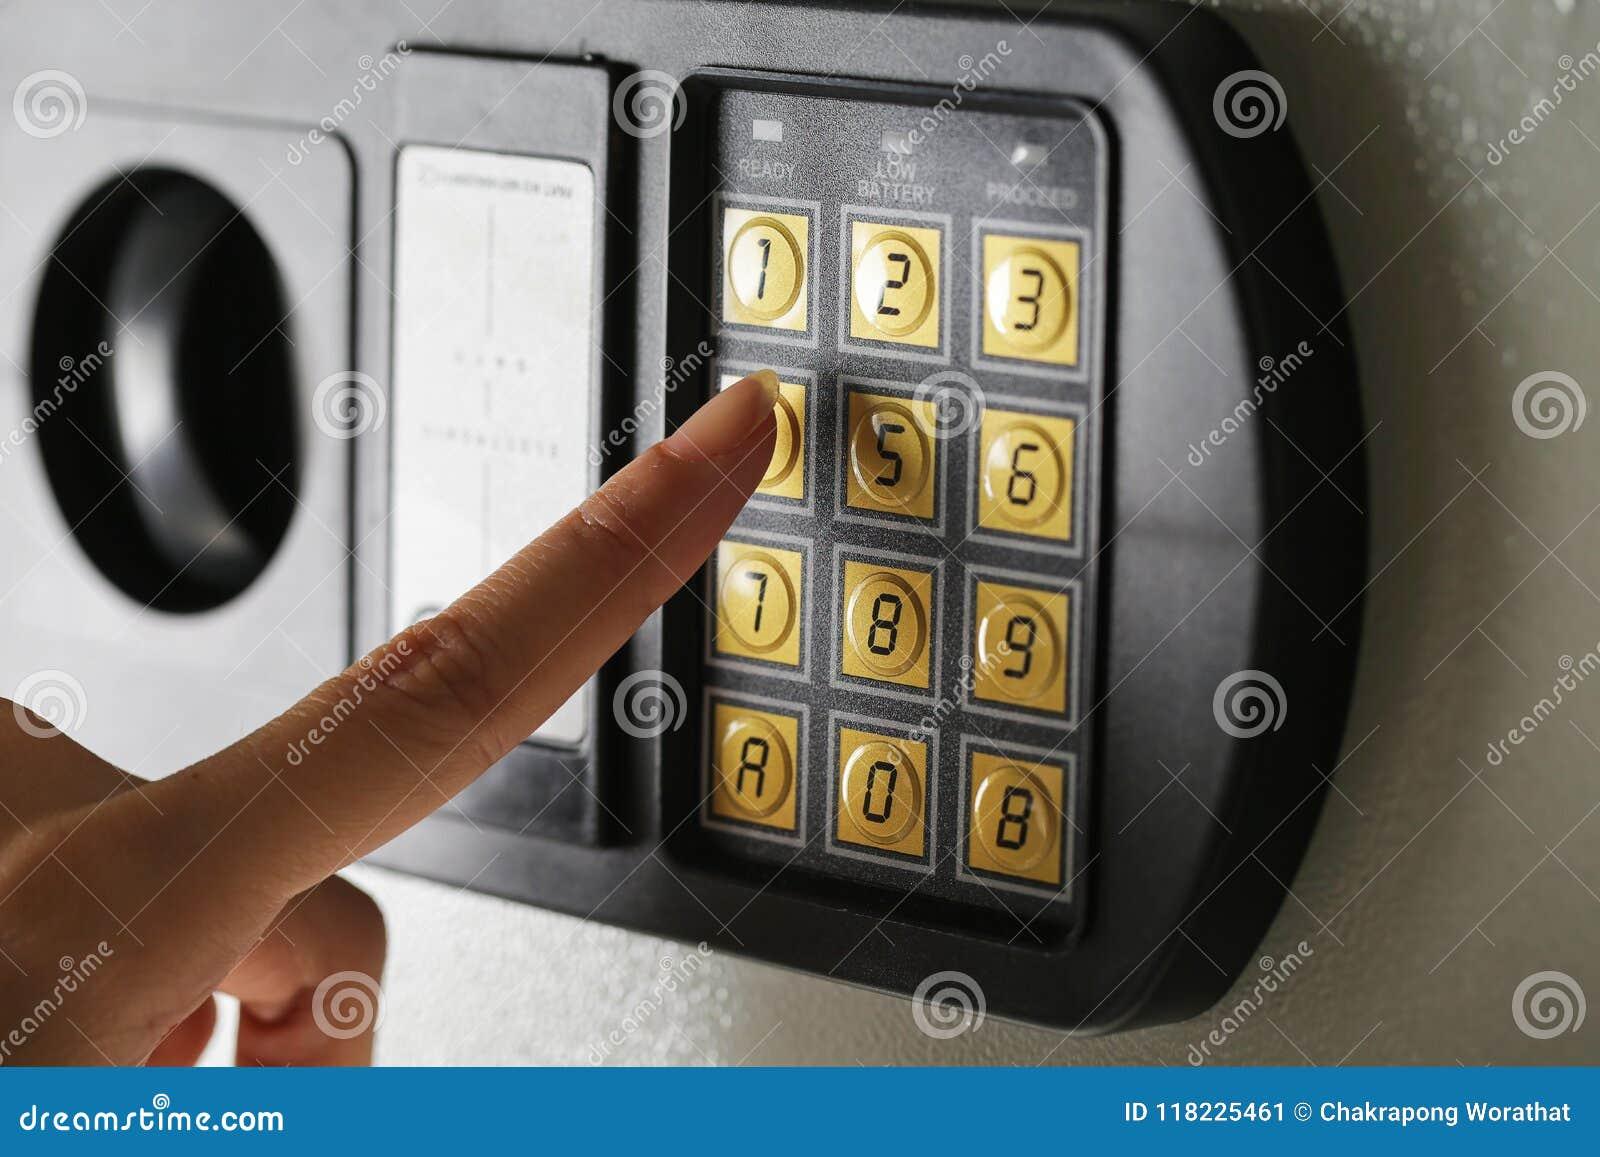 Banco seguro de la caja de seguridad de la protección del número del cojín de la contraseña del código de cerradura